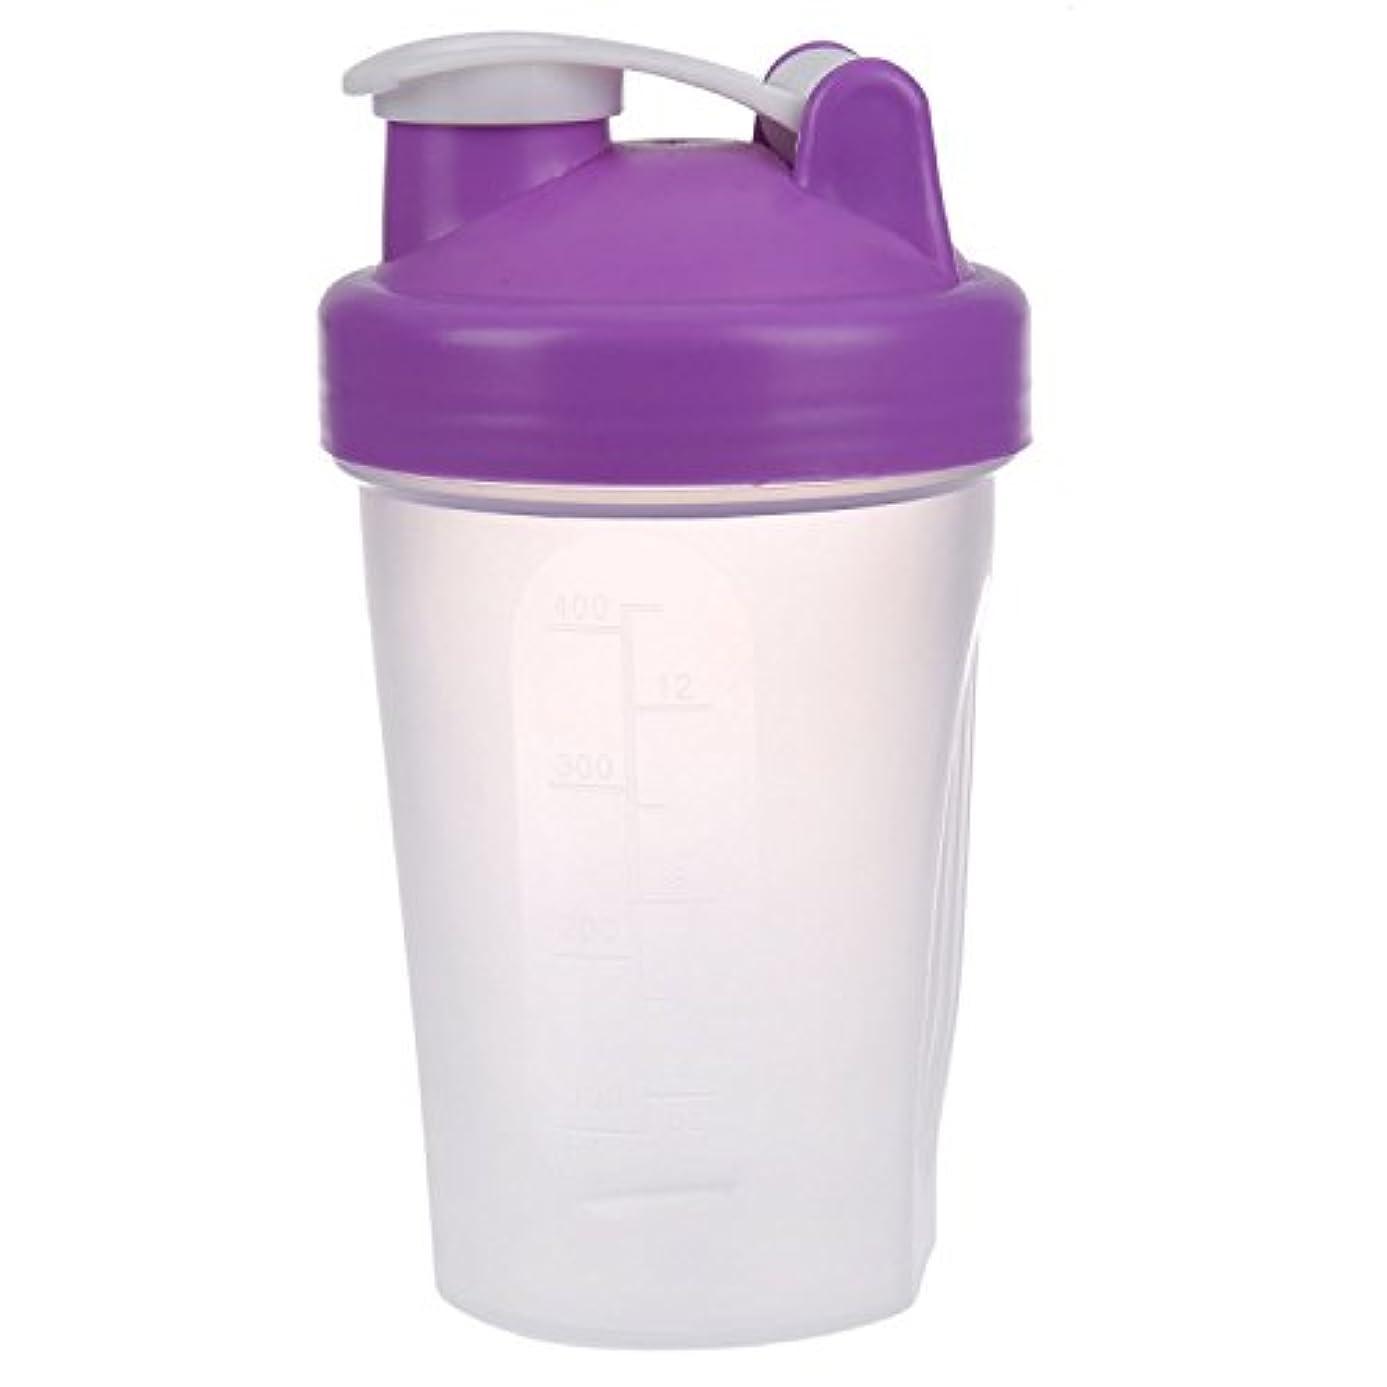 洗剤決済ブレークTOOGOO スマートシェイク ジムプロテインシェーカー ミキサーカップミキサーボトル 紫